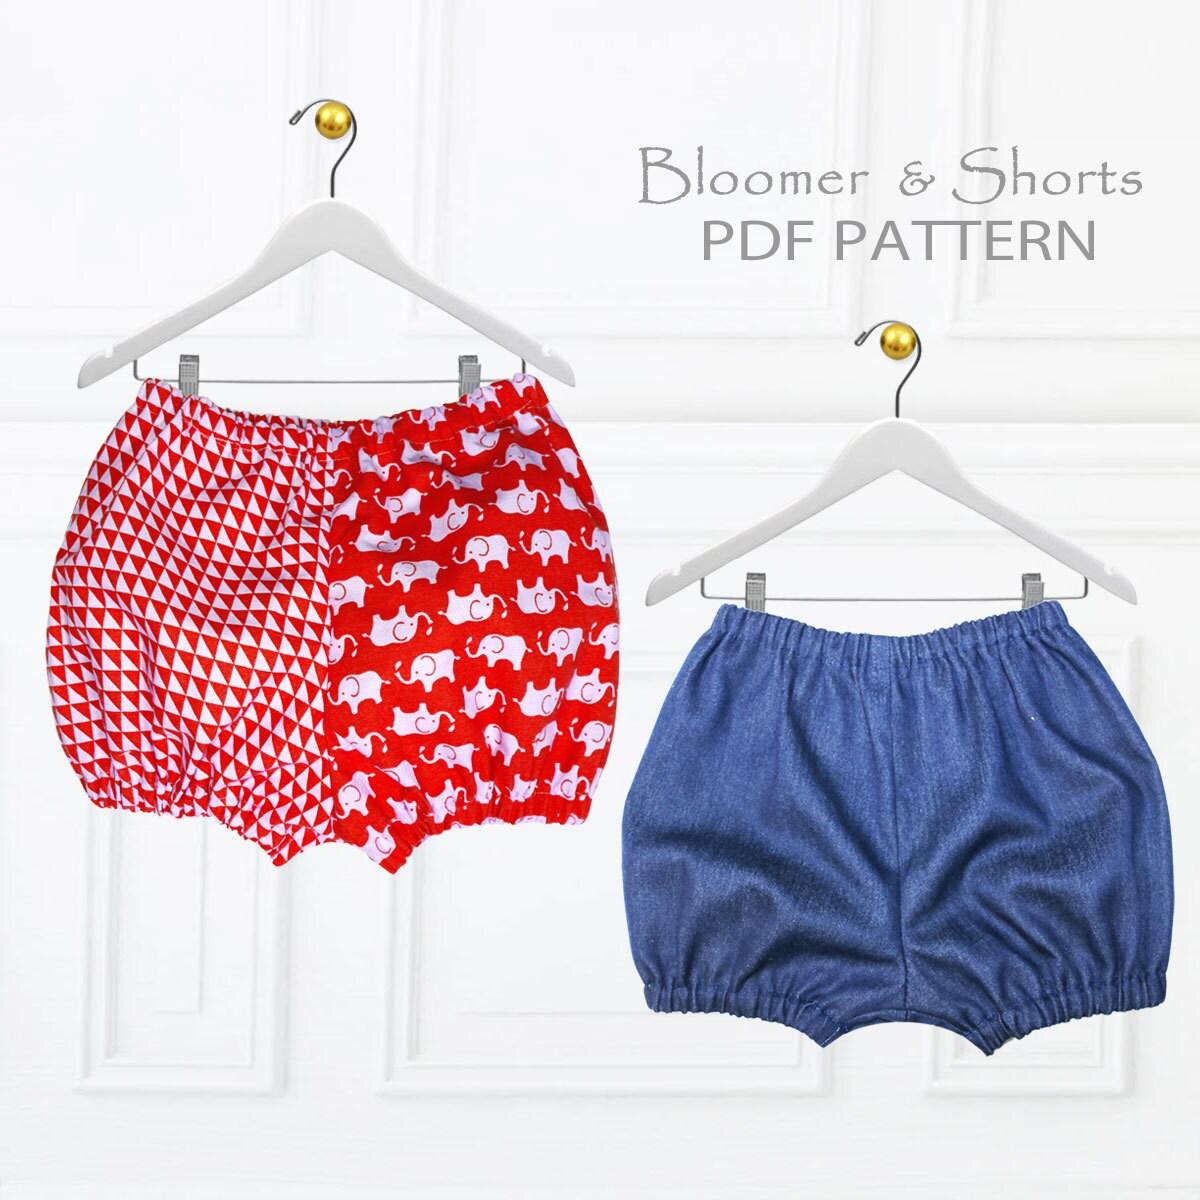 Girls sewing pattern pdf bloomer pattern shorts pattern zoom jeuxipadfo Gallery